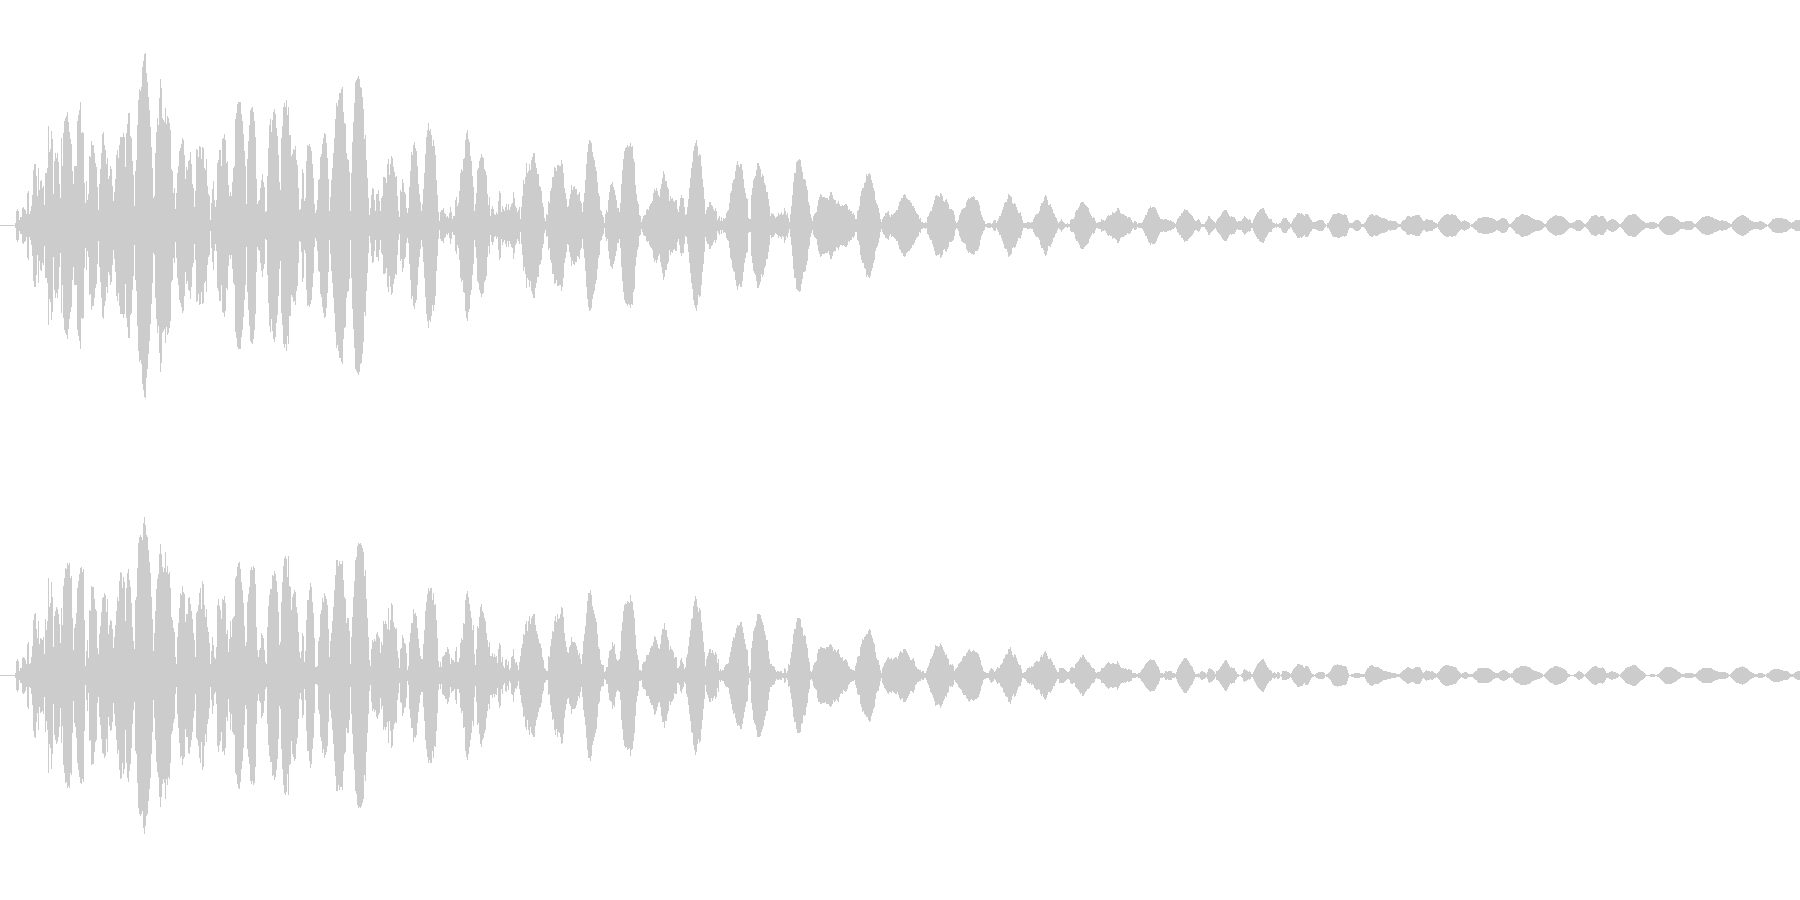 [効果音]壁ドン、打撃の未再生の波形